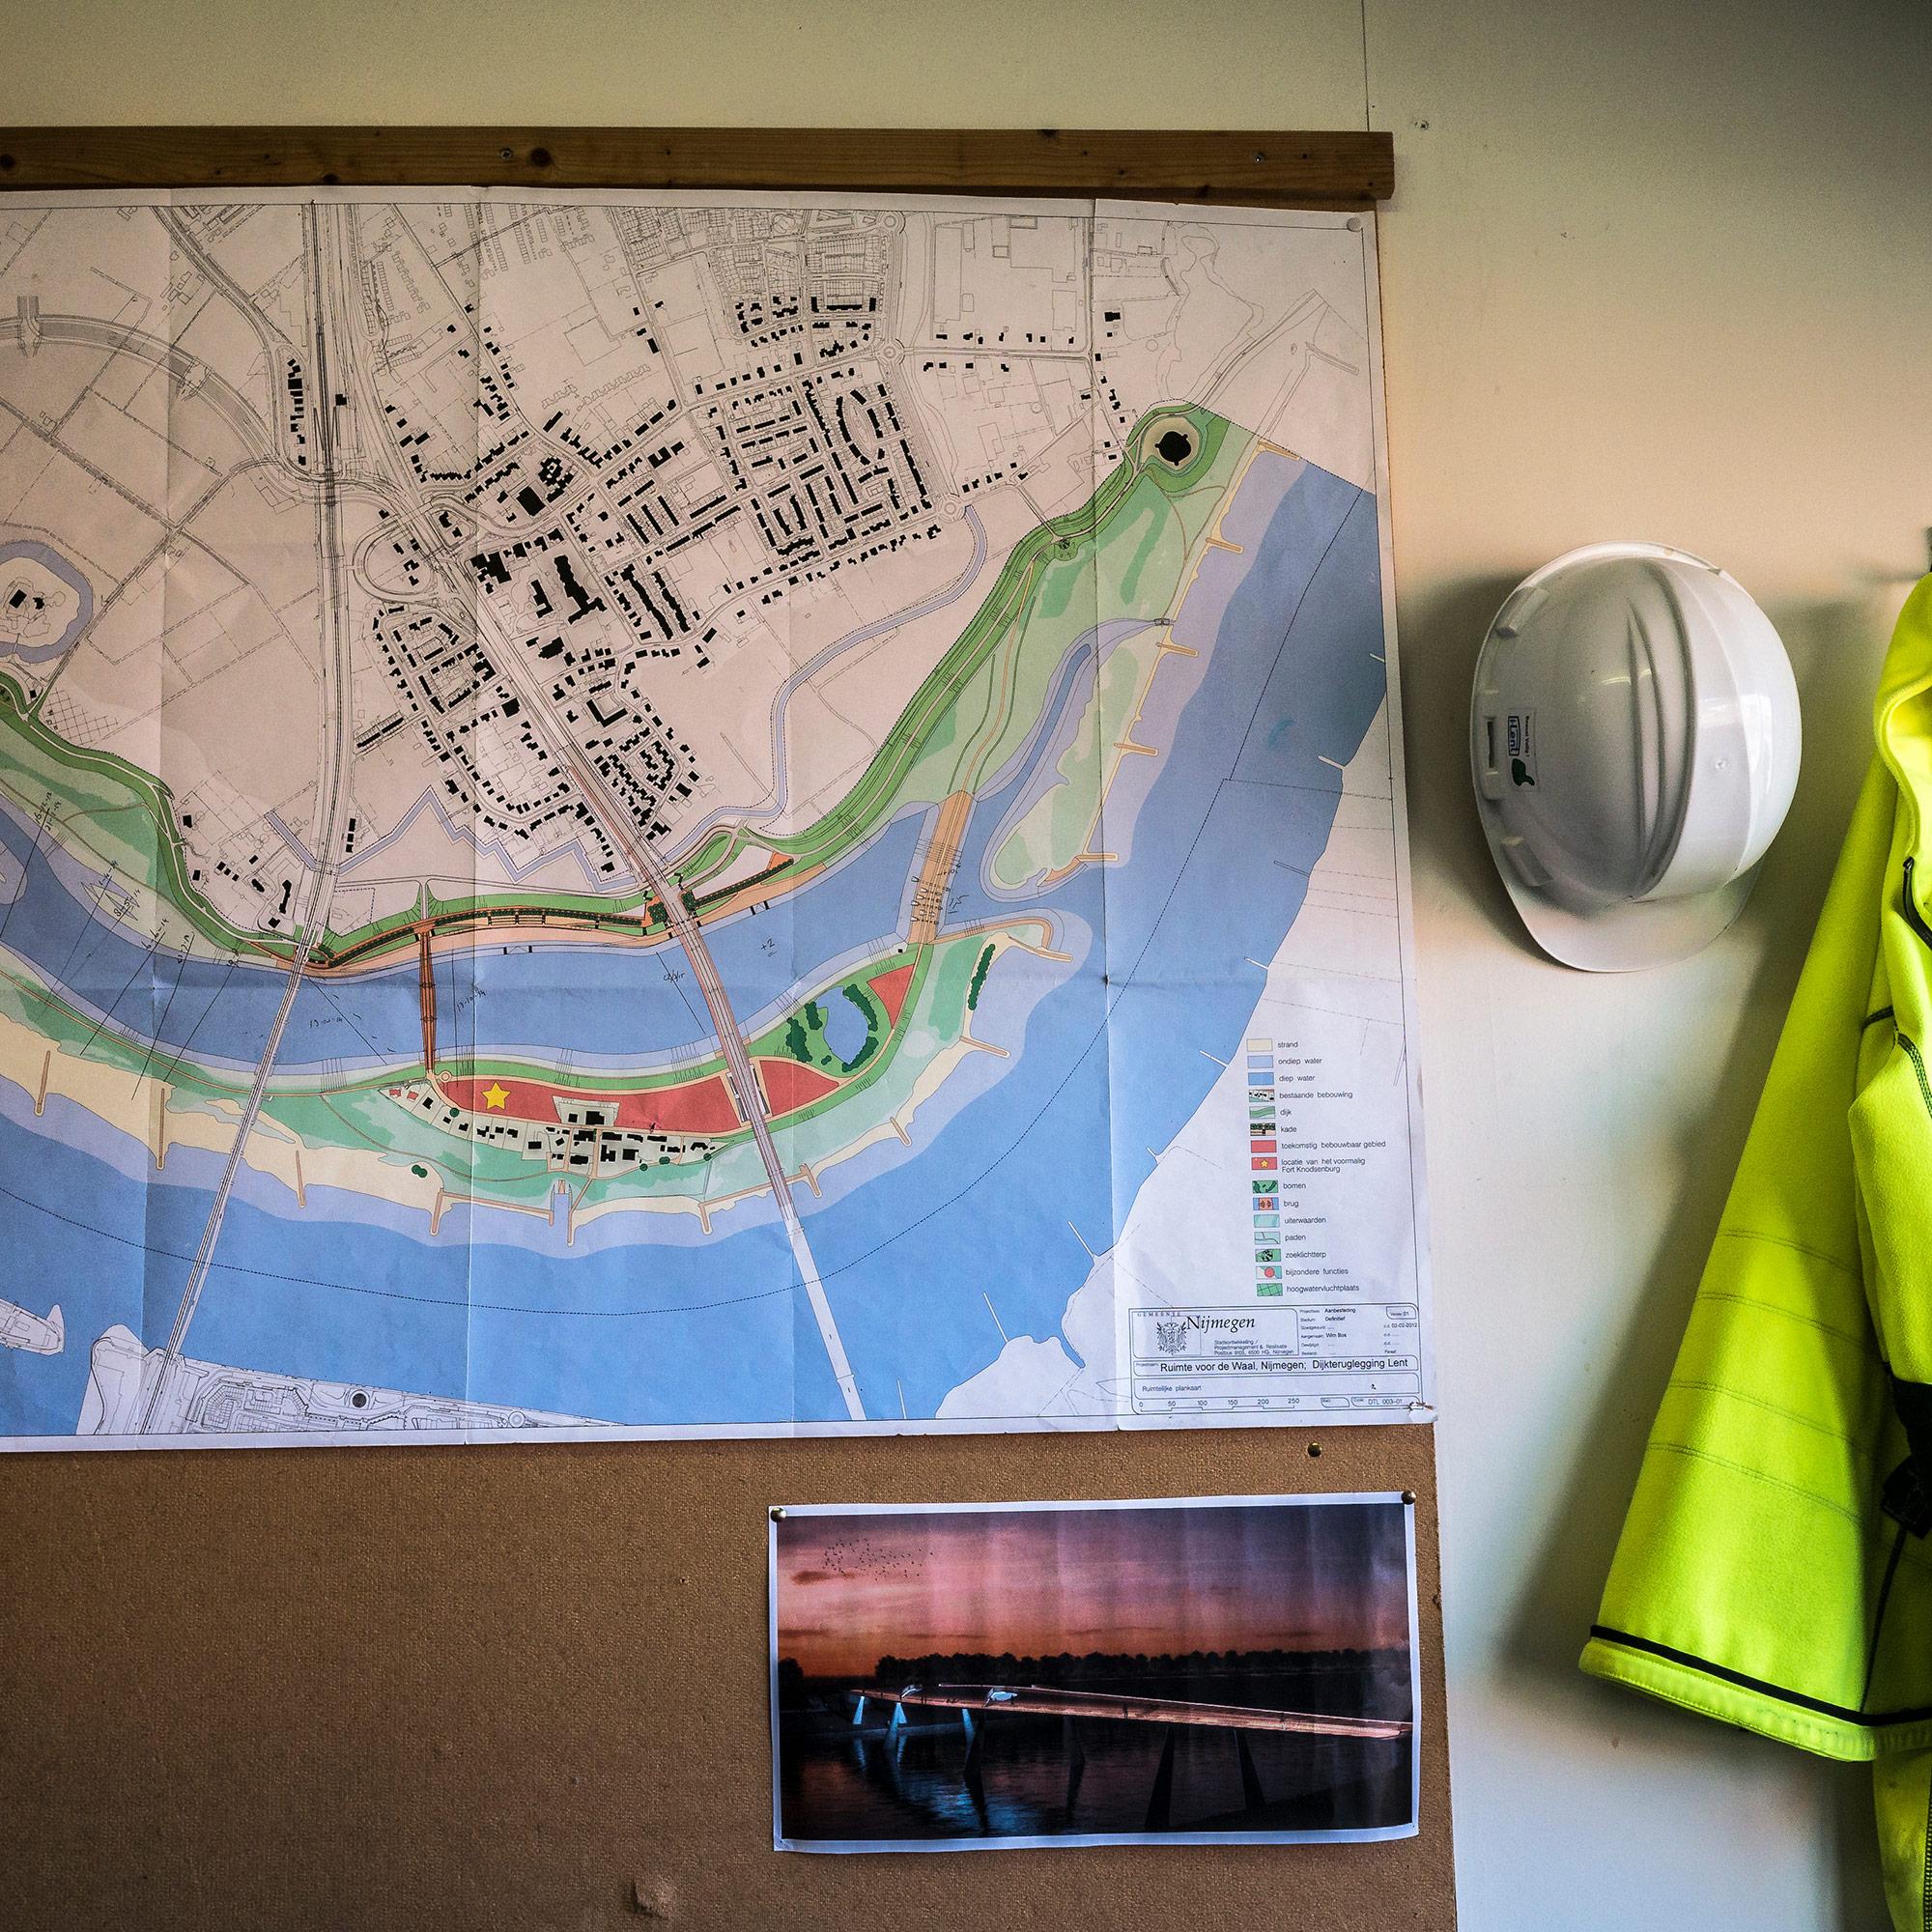 Project plans for Room for the River in Nijmegen. (Photo by Joris van Gennip/GroundTruth)